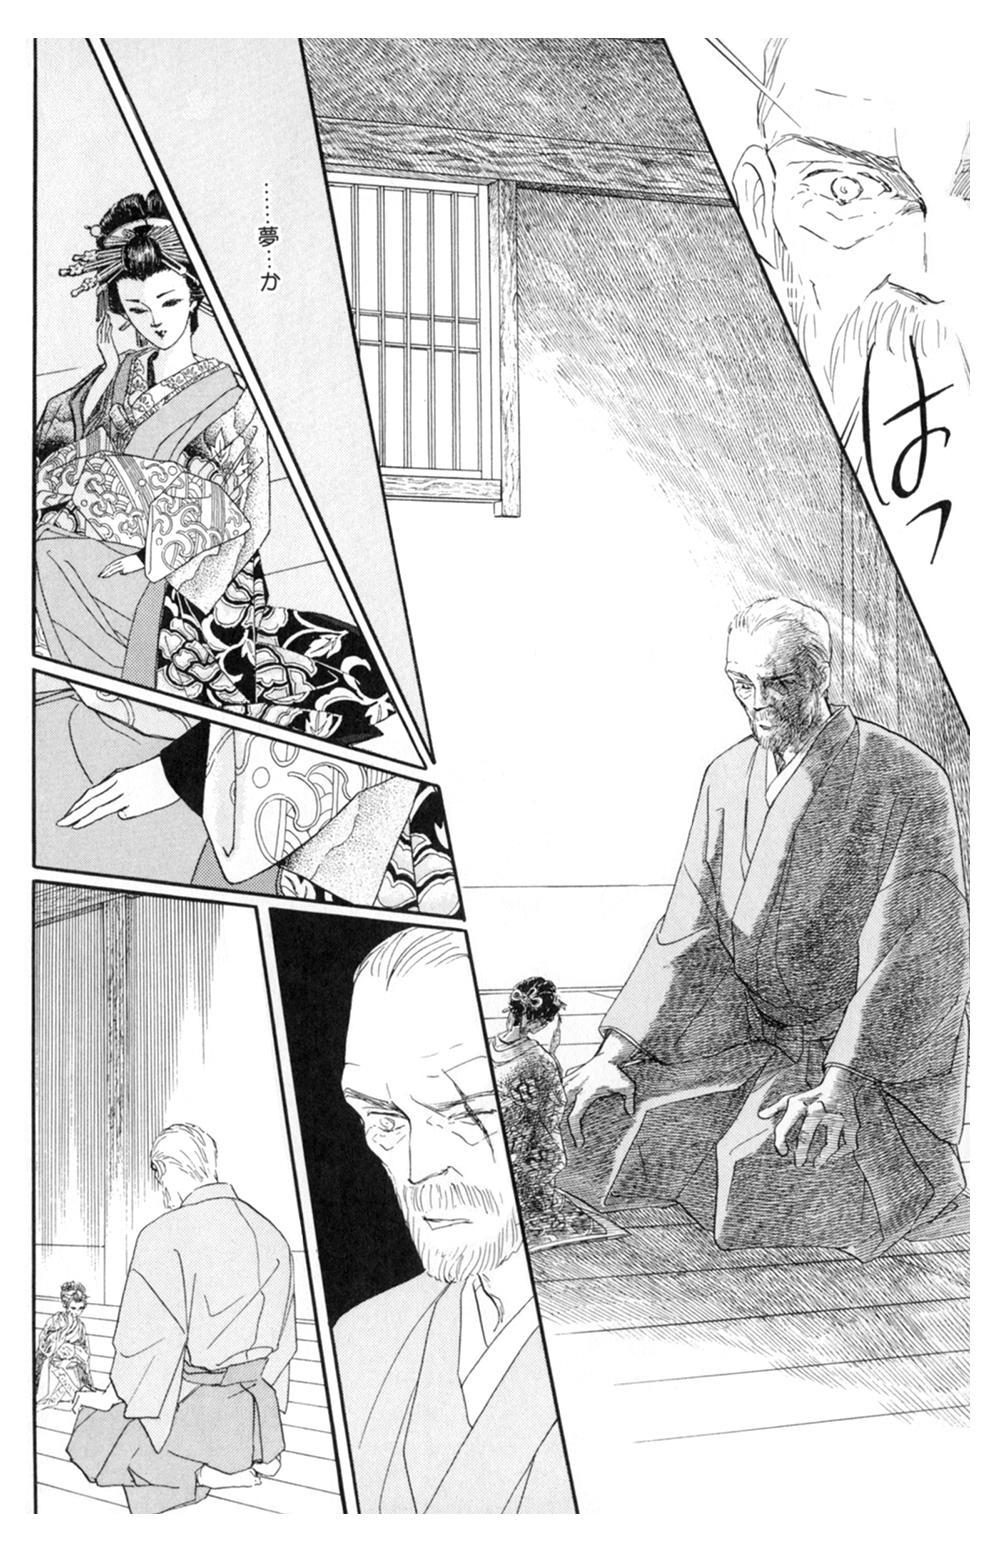 雨柳堂夢咄 第5話「花に暮れる」2uryudo-02-138.jpg